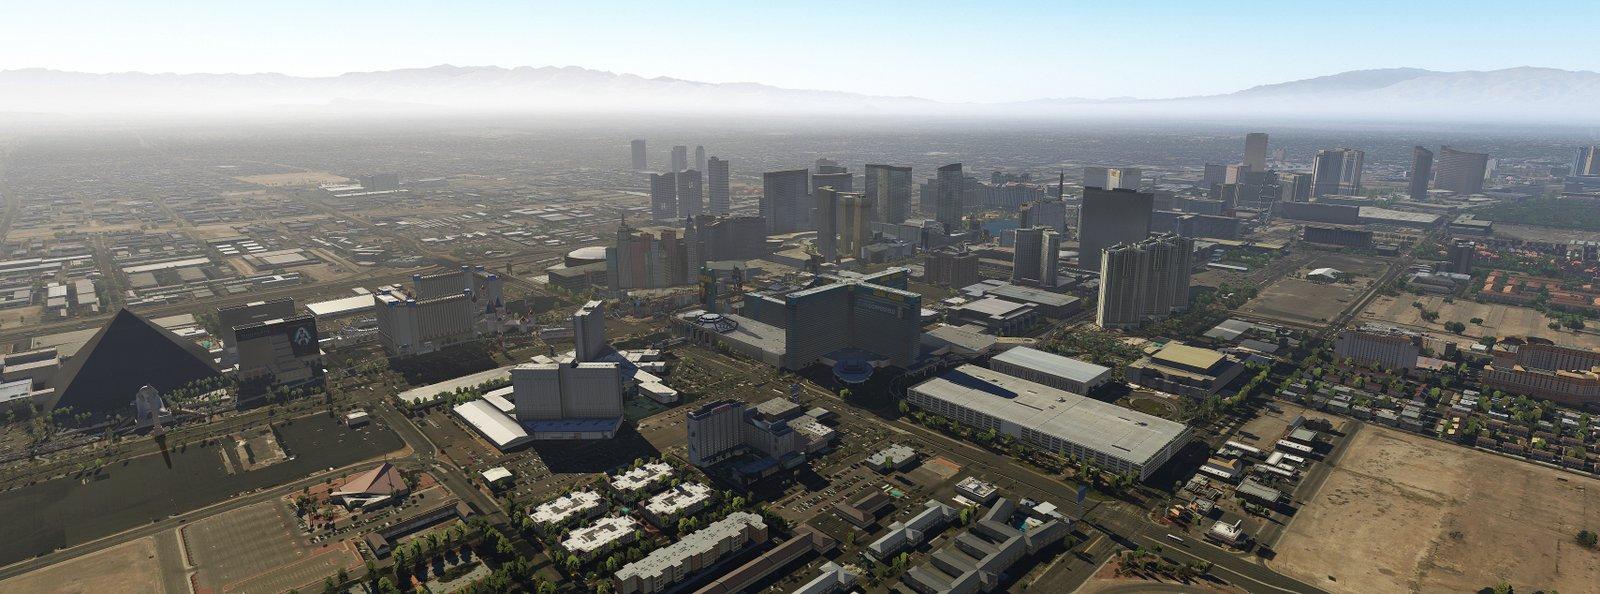 FlyTampa Las Vegas